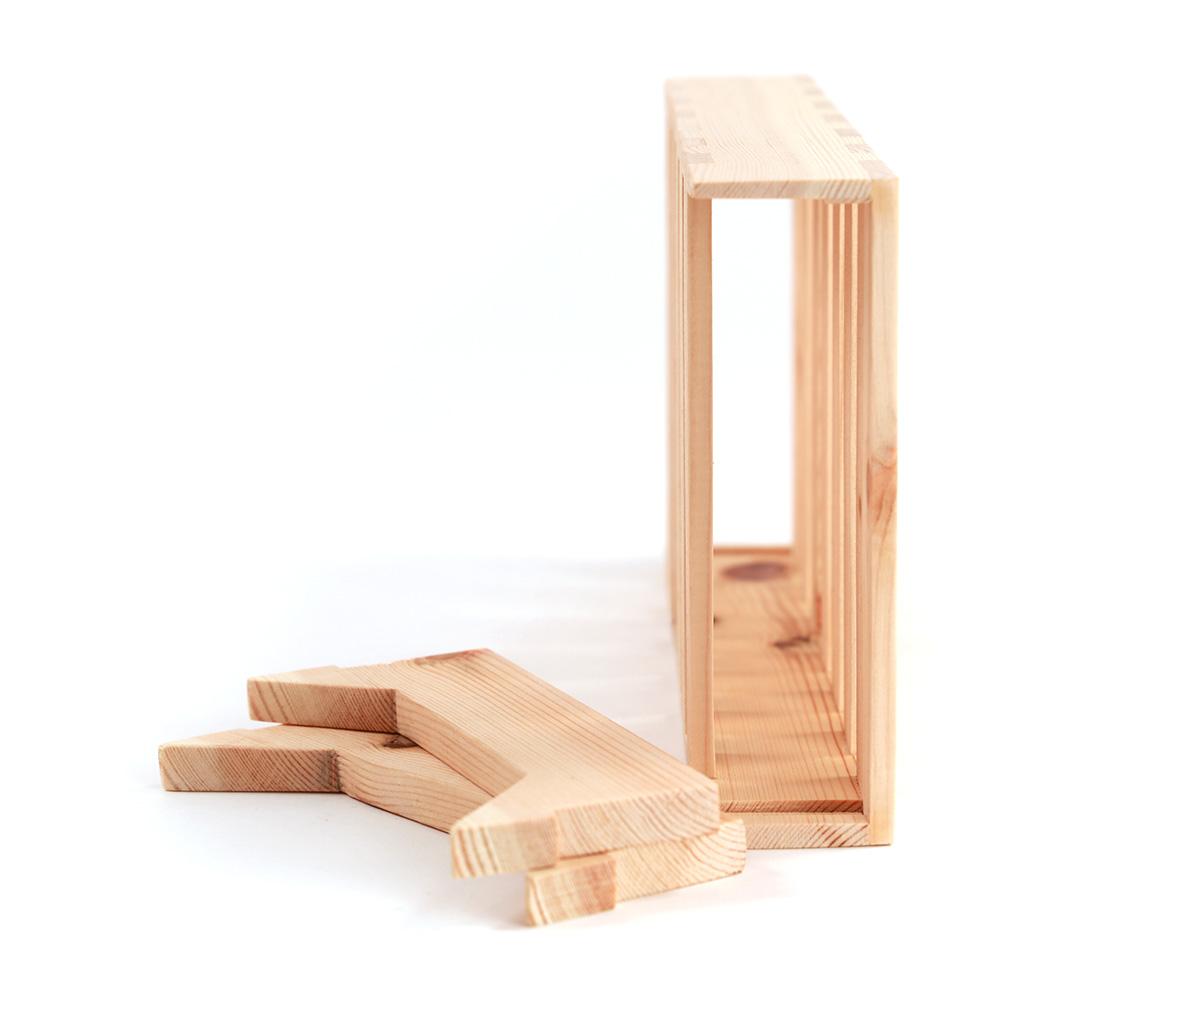 cajita de juego gato artesanal madera sostenible